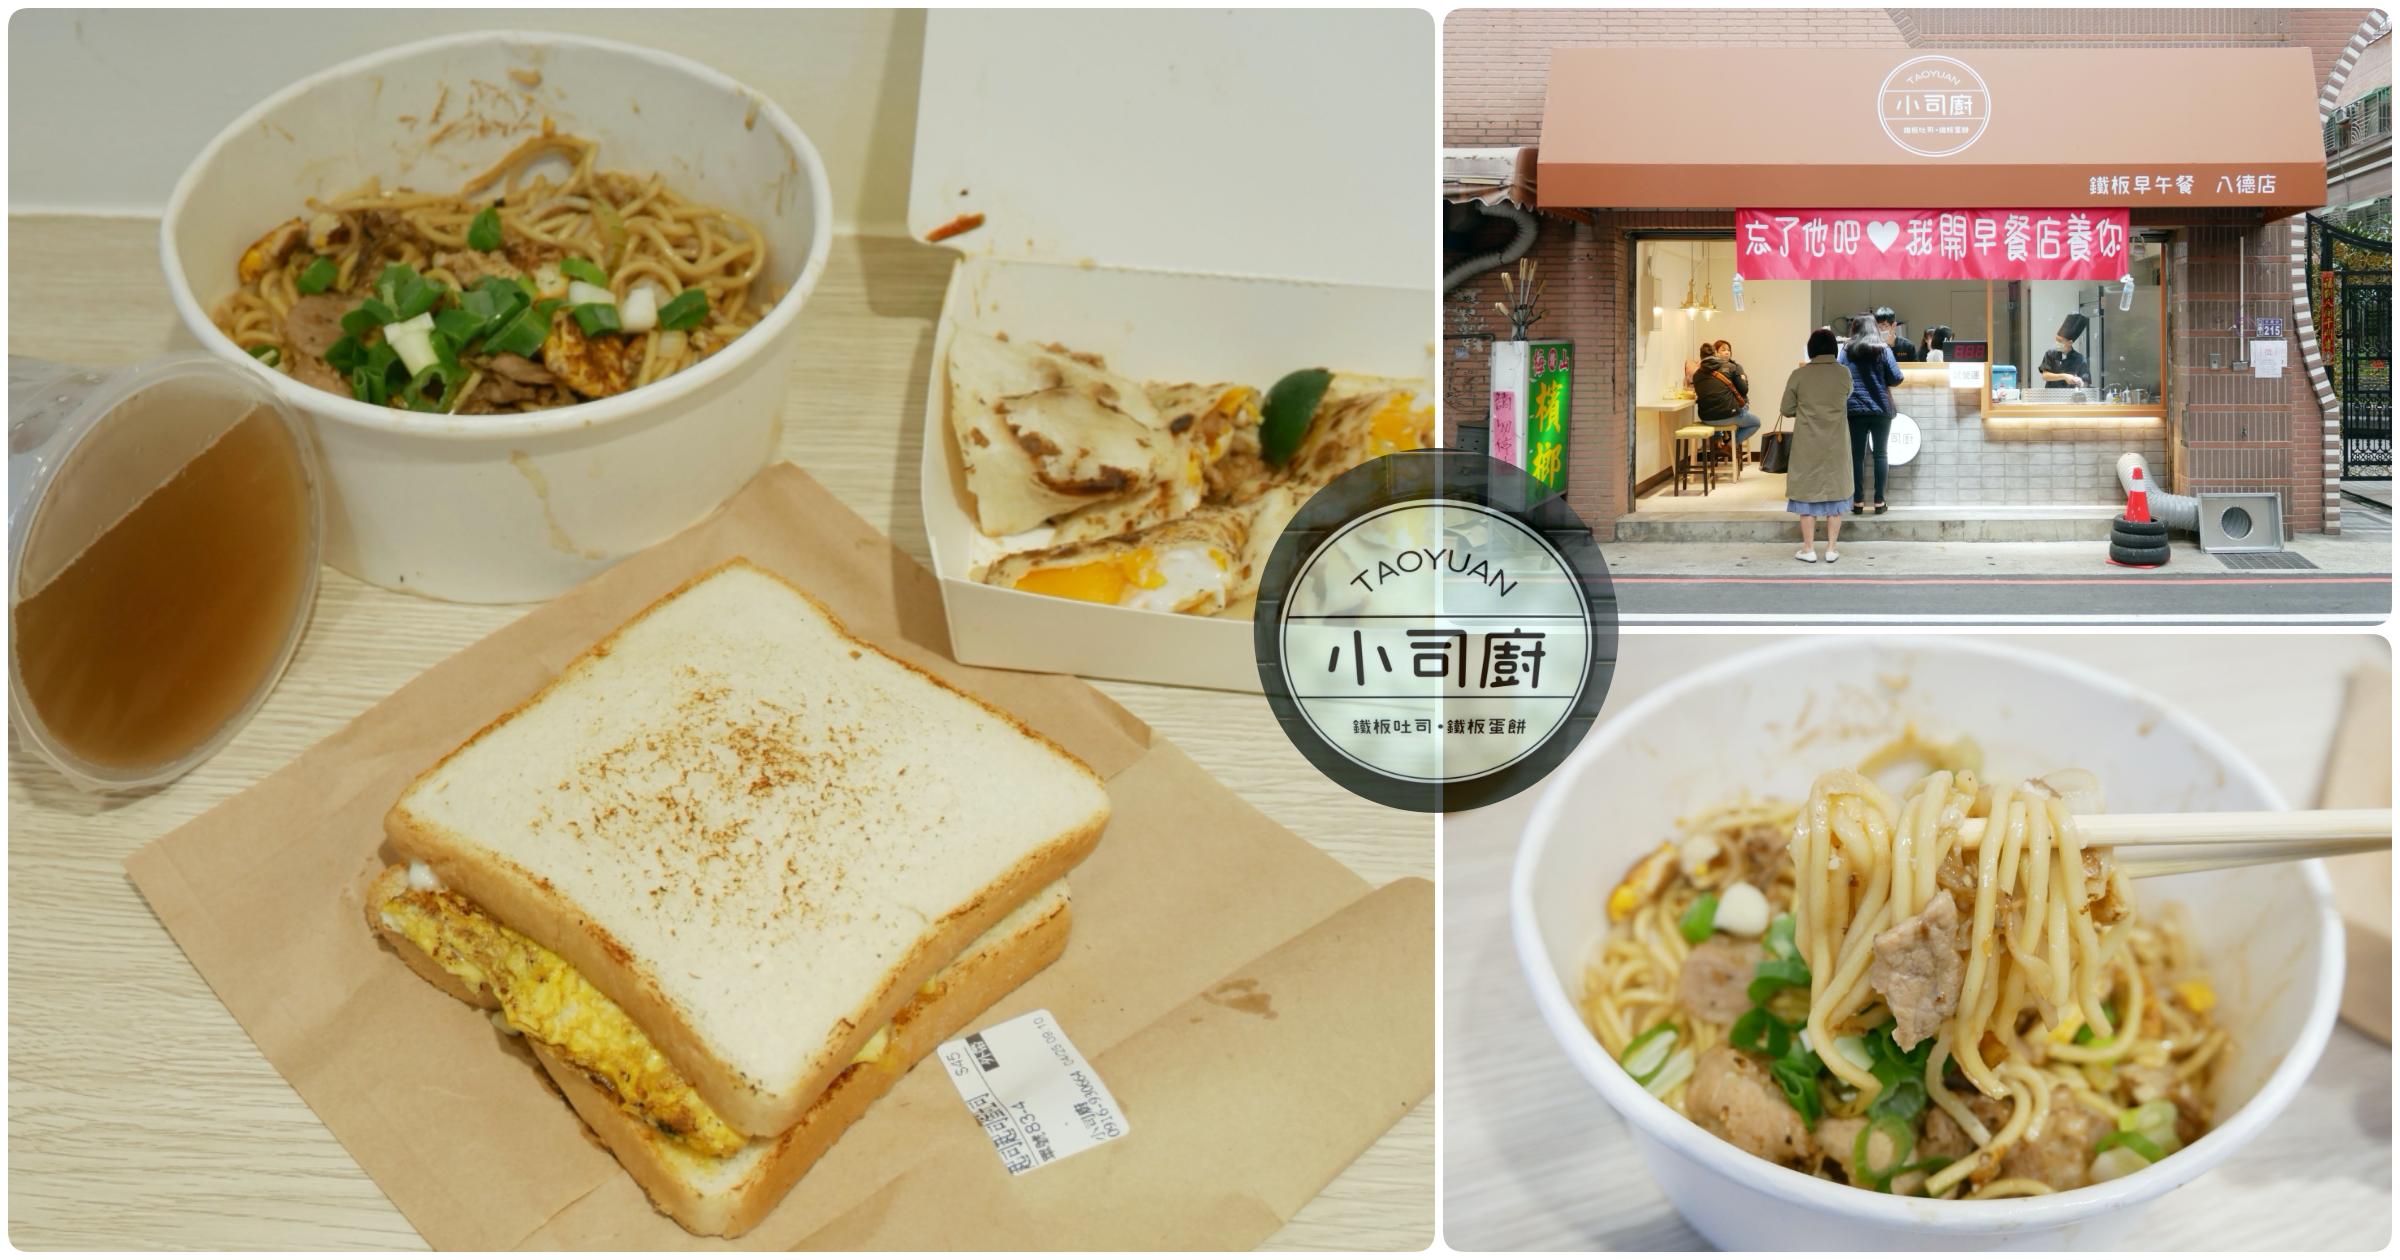 [八德美食]桃司廚最新副品牌『小司廚』 鐵板燒早餐料理現點現做~銅板價早午餐 @VIVIYU小世界